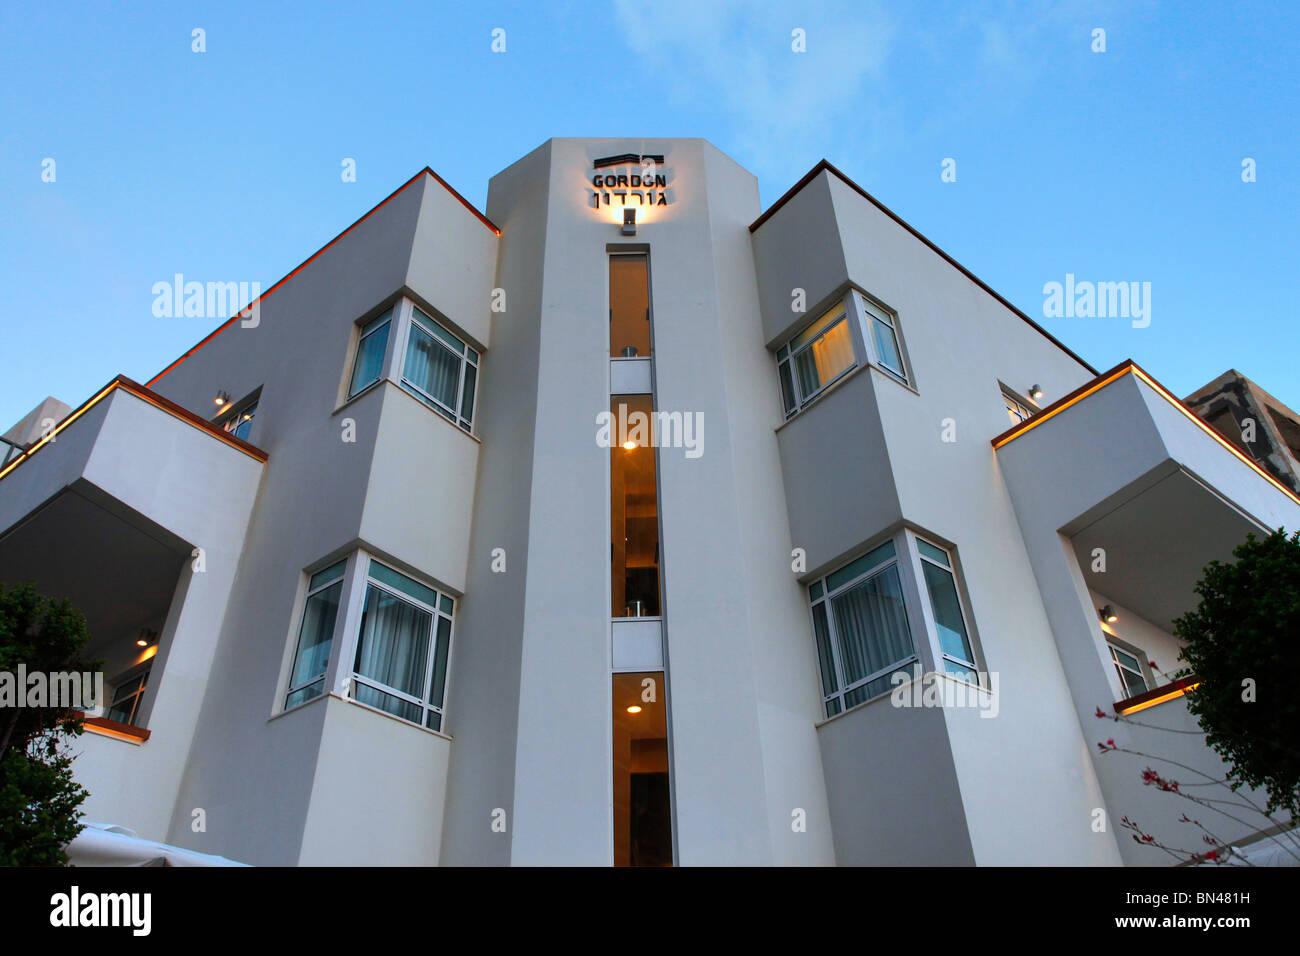 Bauhausstil Architektur ein altes gebäude im stil der bauhaus architektur in der gordon